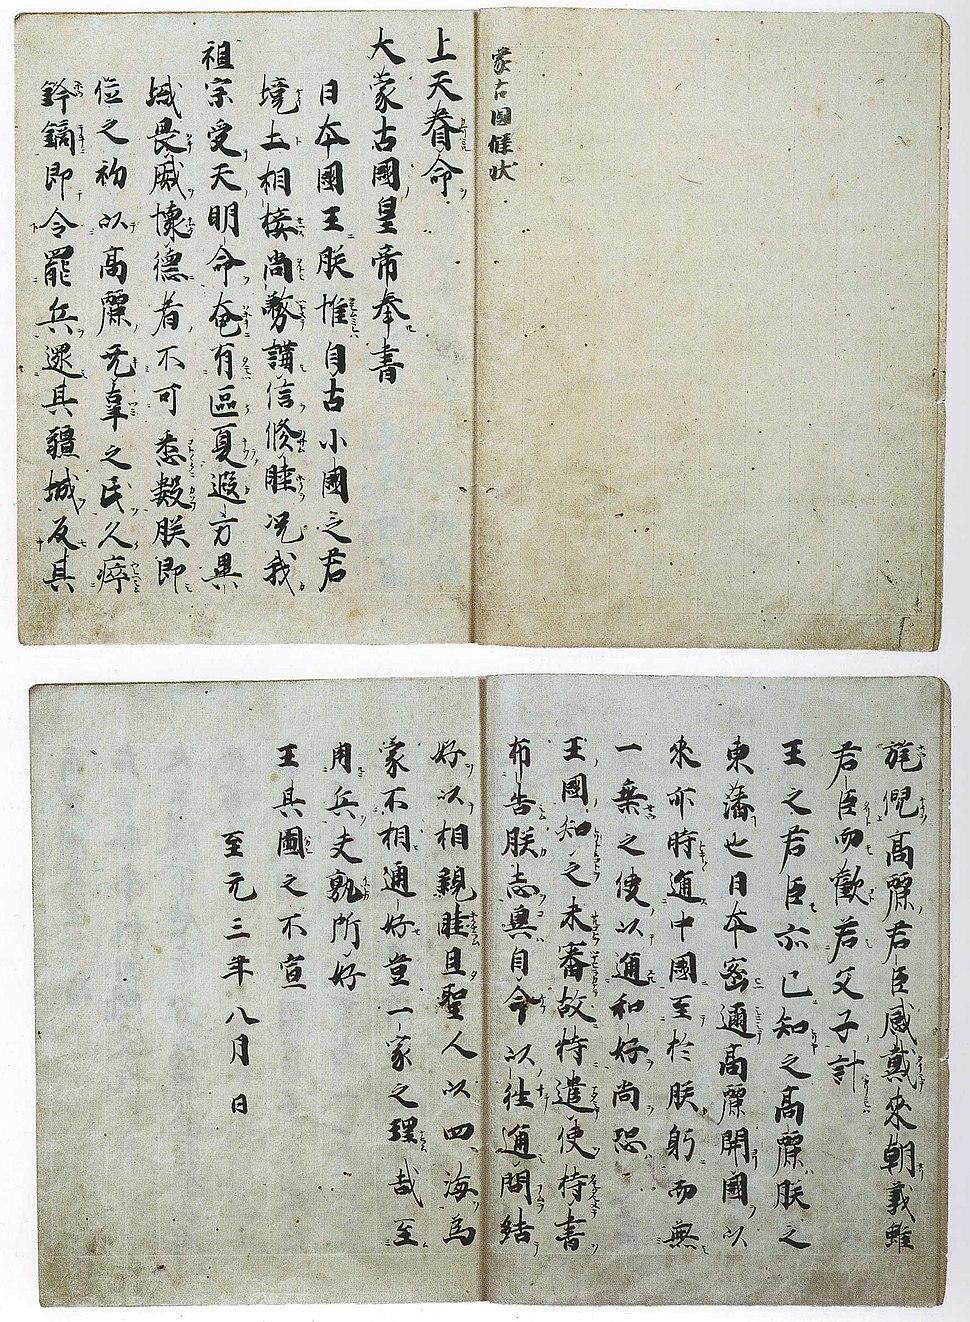 LetterFromKhubilaiToJapan1266